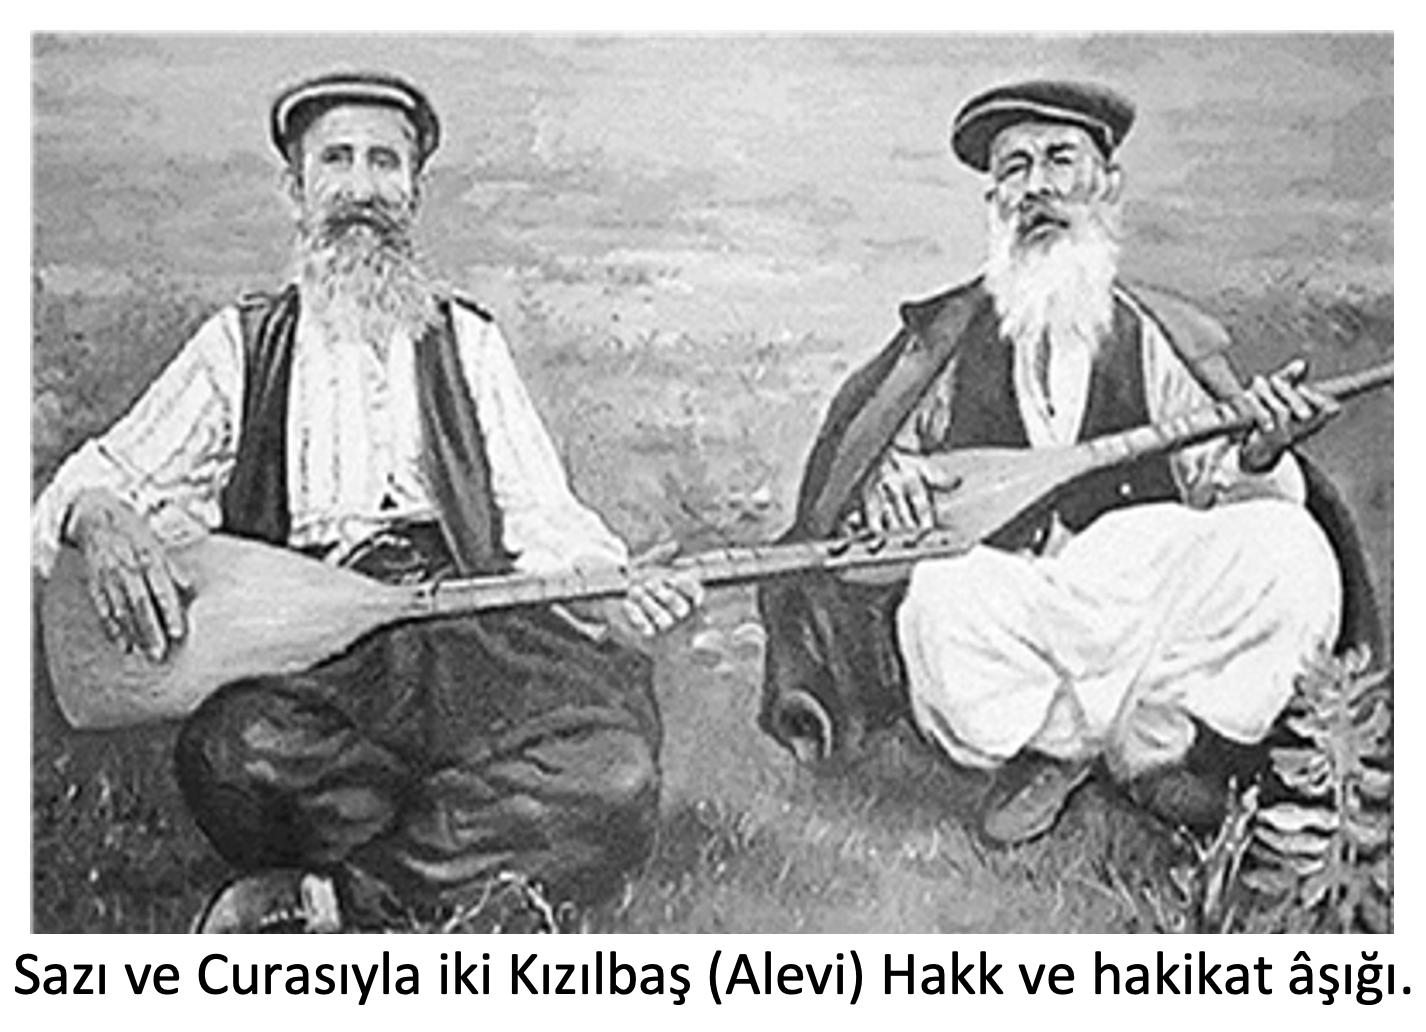 EGEMENİN ZULÜM VE İFTİRALARI – 3 mehmet kabadayı DAB ALEVİ bektaşi kızılbaş Cem Pir Sultan semah